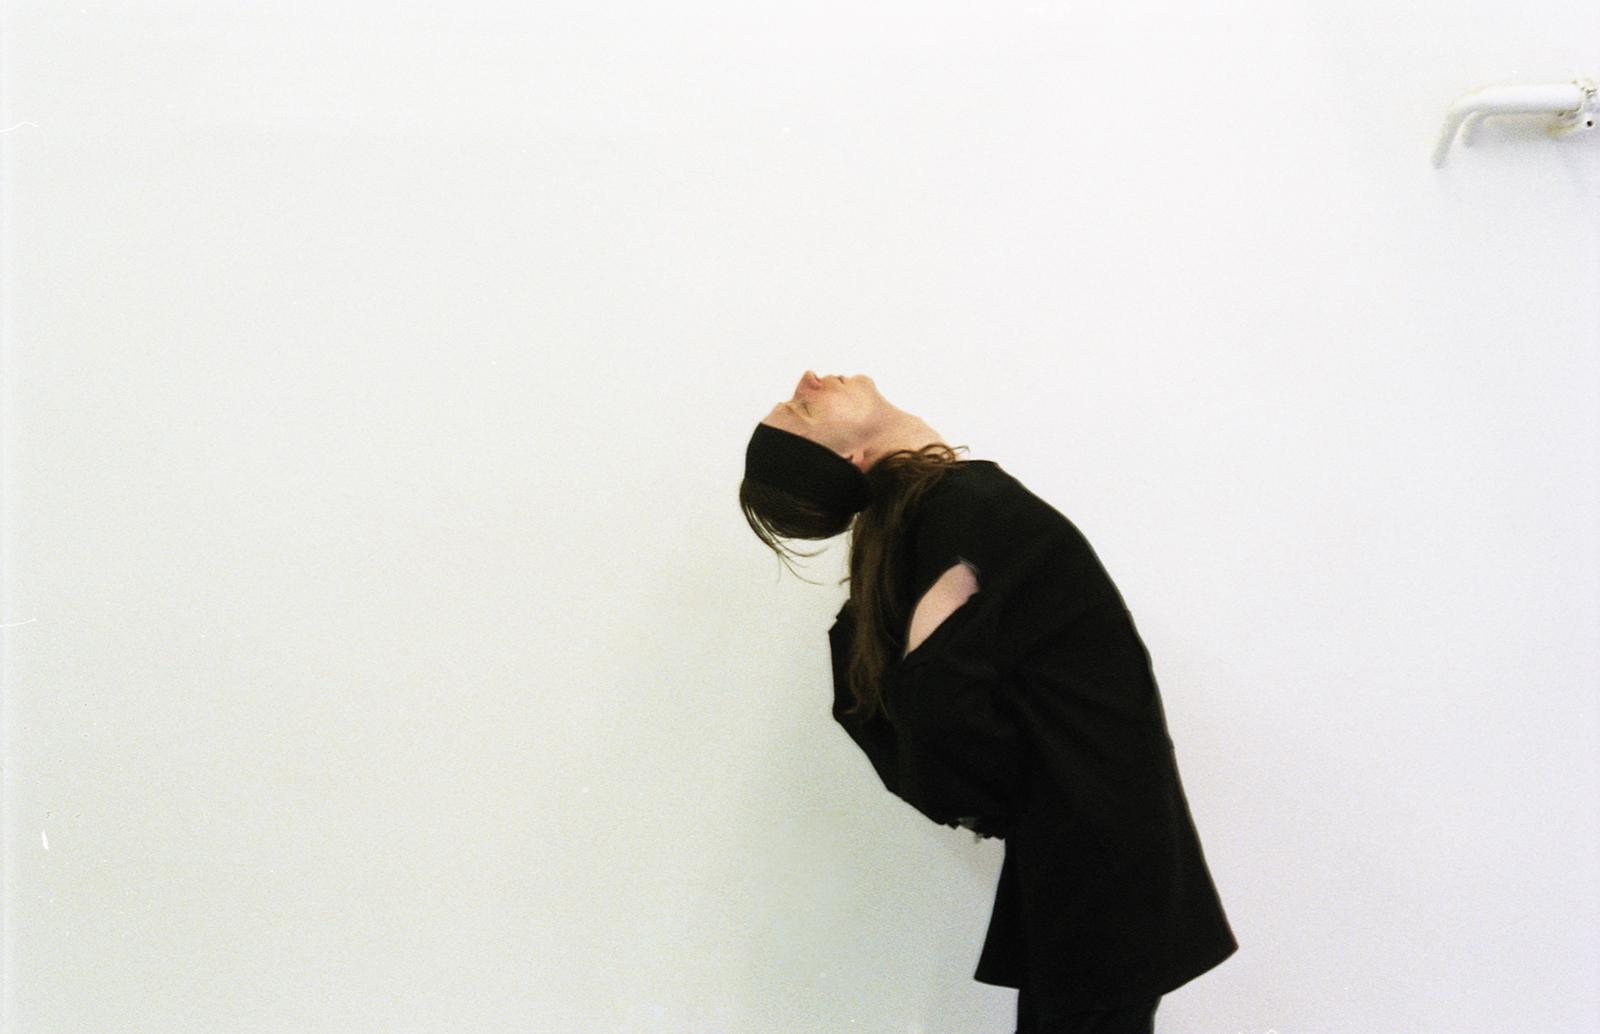 Maturitní práce 2017 <br> Skrytý portrét